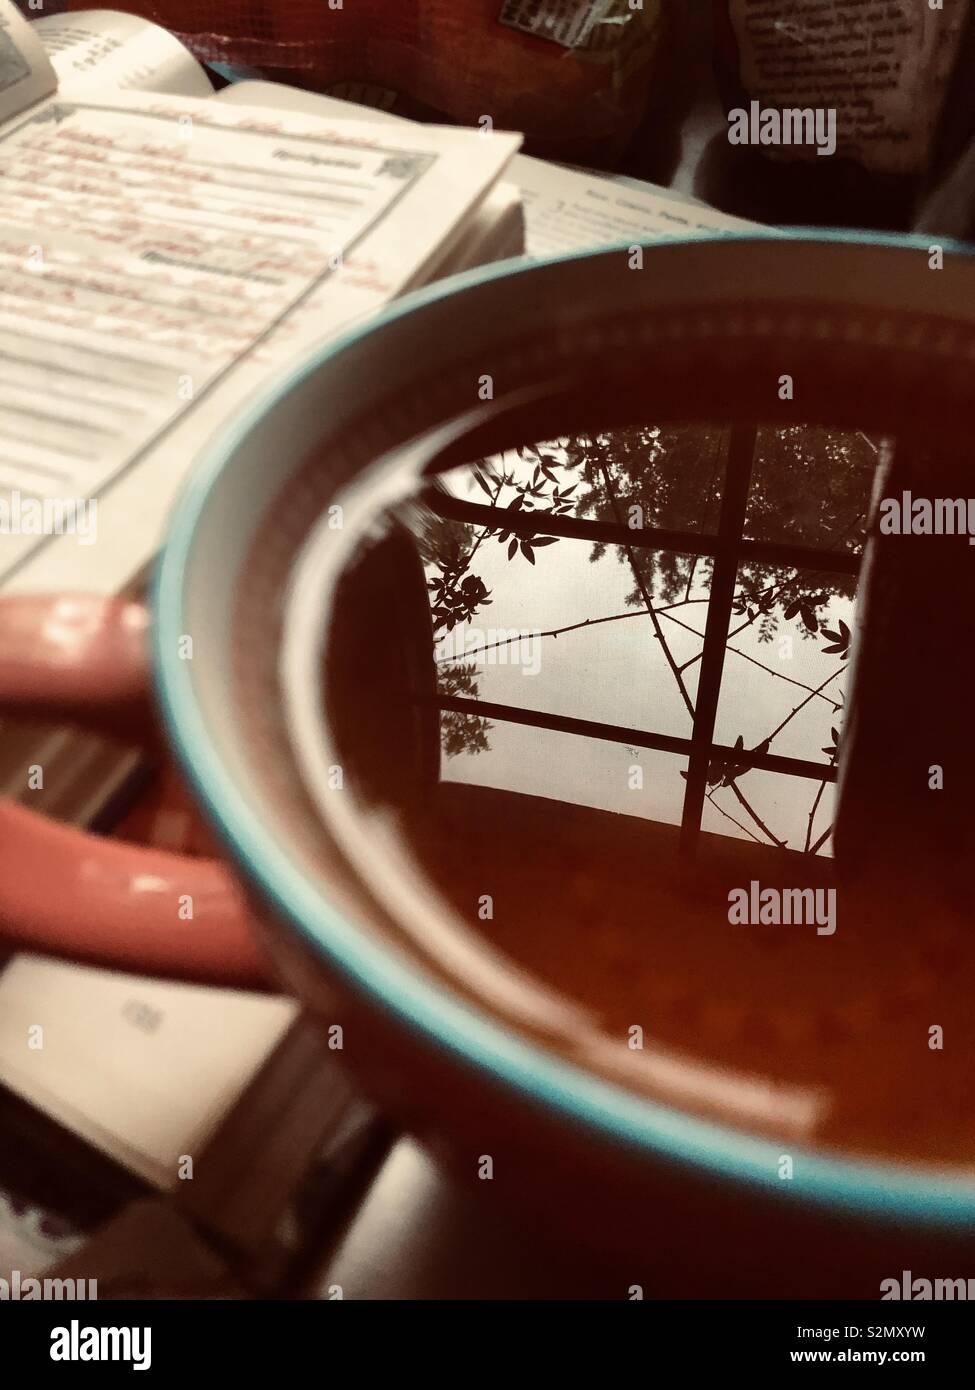 Gros plan d'une tasse de thé noir avec une fenêtre de réflexion, et d'une part écrit des notes sur un ordinateur portable à l'arrière-plan Banque D'Images